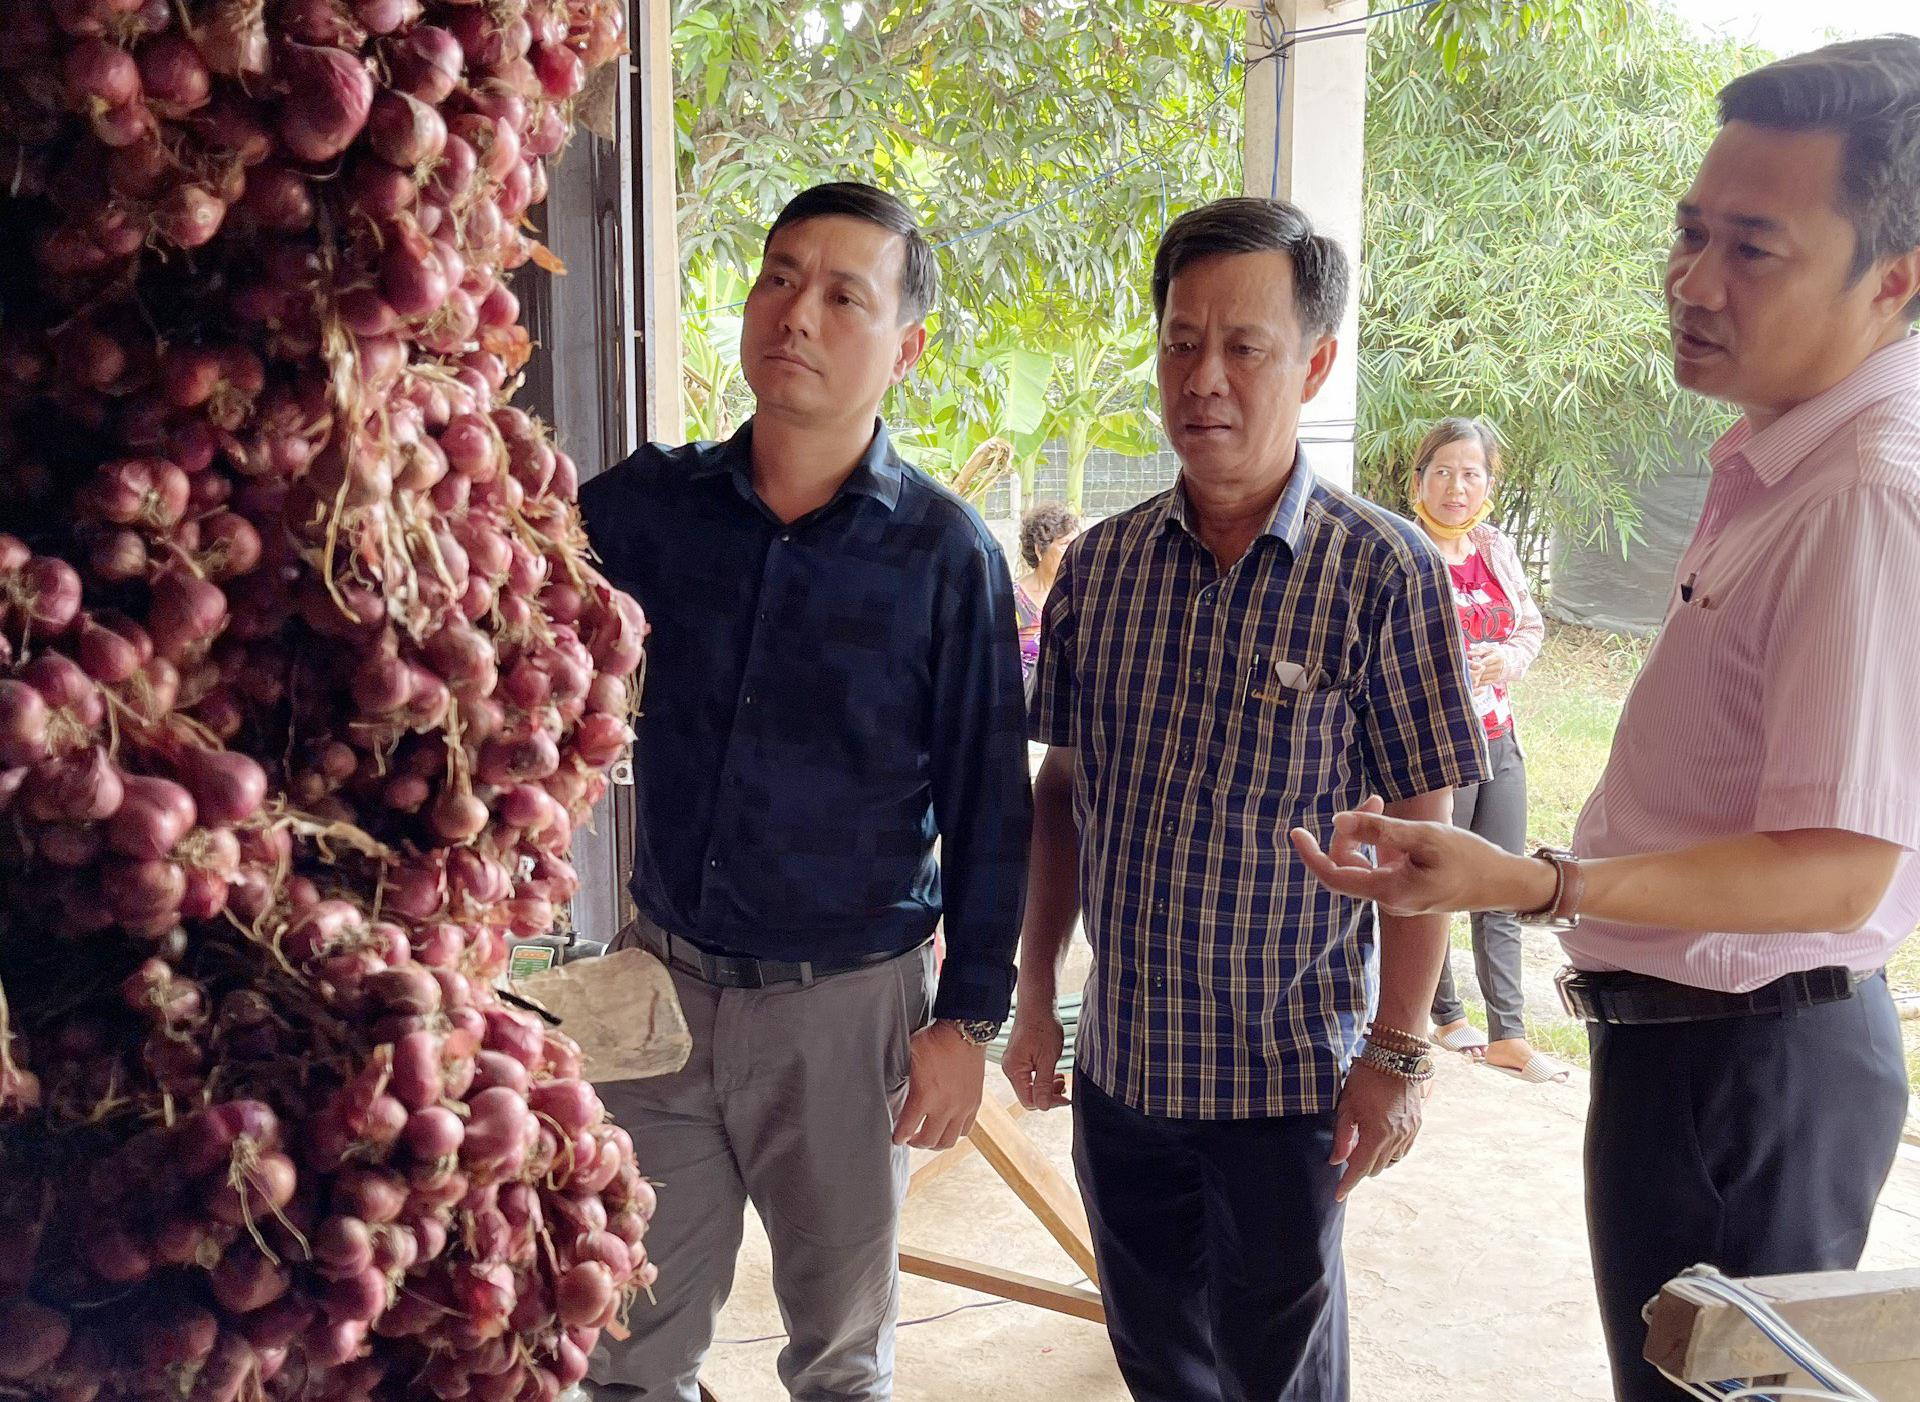 Lãnh đạo Chi nhánh NHCSXH Sóc Trăng trực tiếp về địa phương để có phương án hỗ trợ tối ưu cho người trồng hành tím